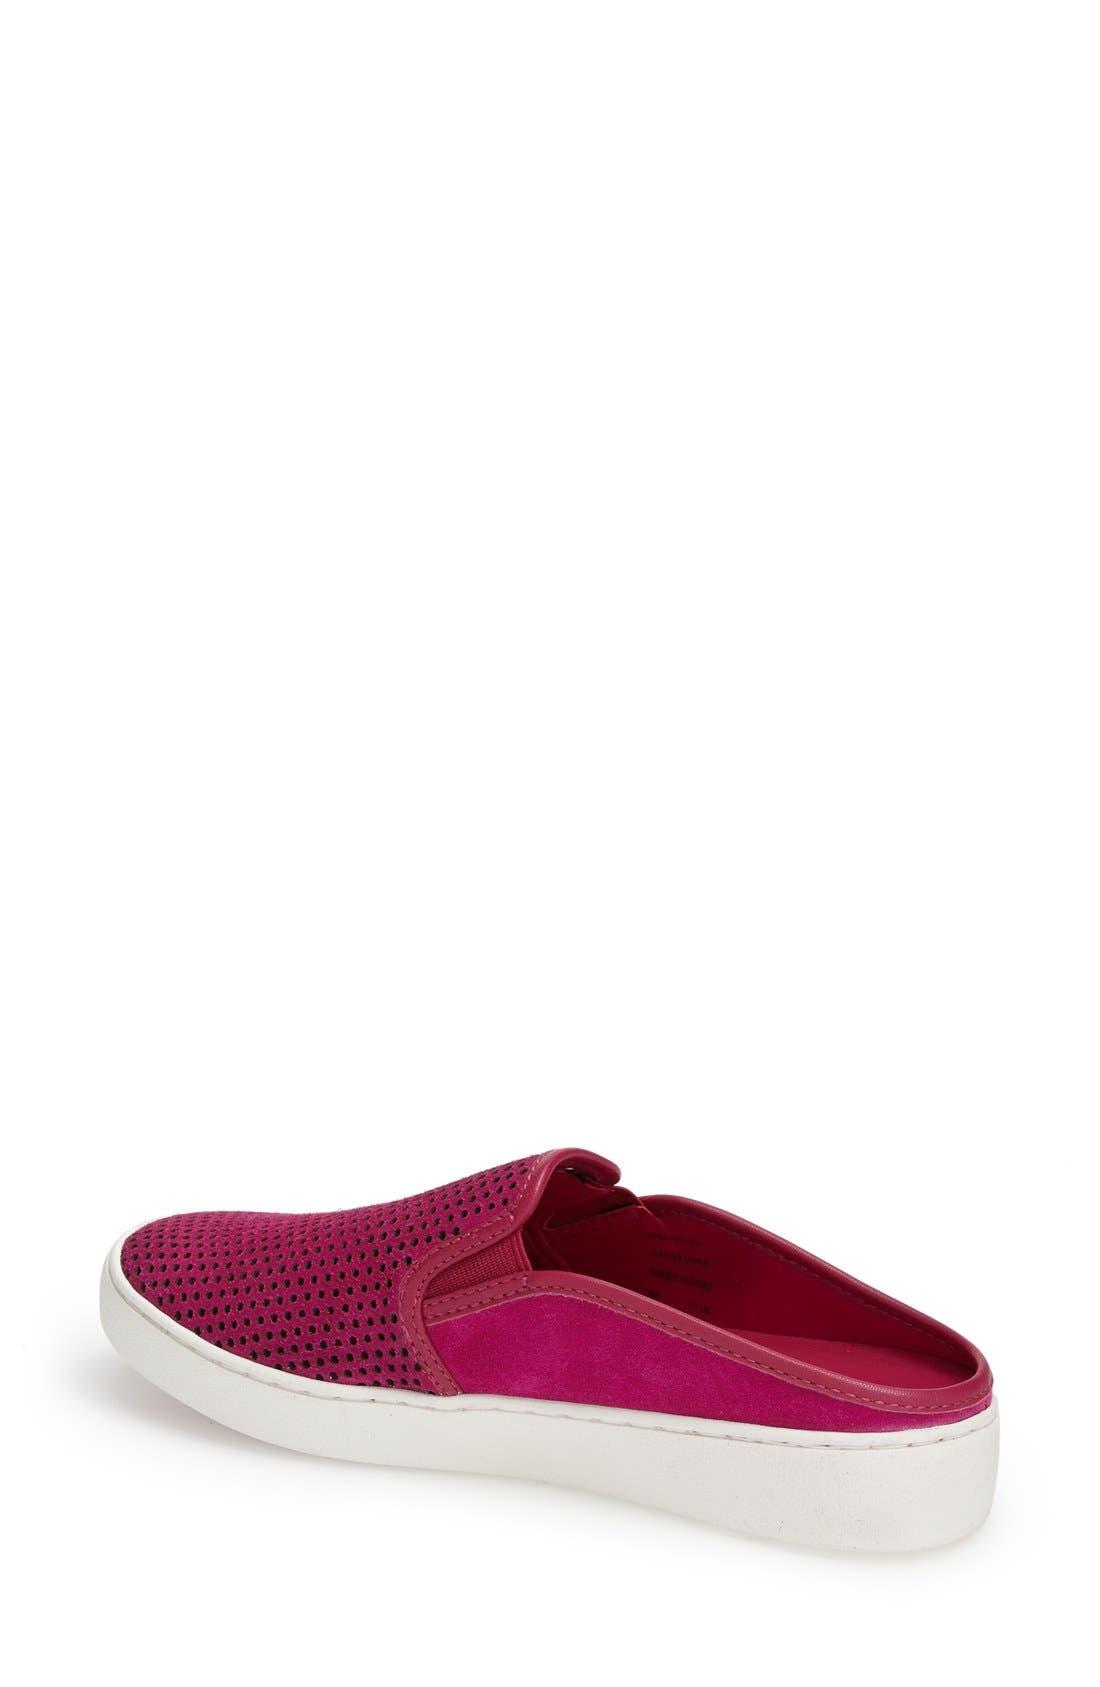 Alternate Image 2  - MICHAEL Michael Kors 'Brett' Perforated Slip-On Mule Sneaker (Women)